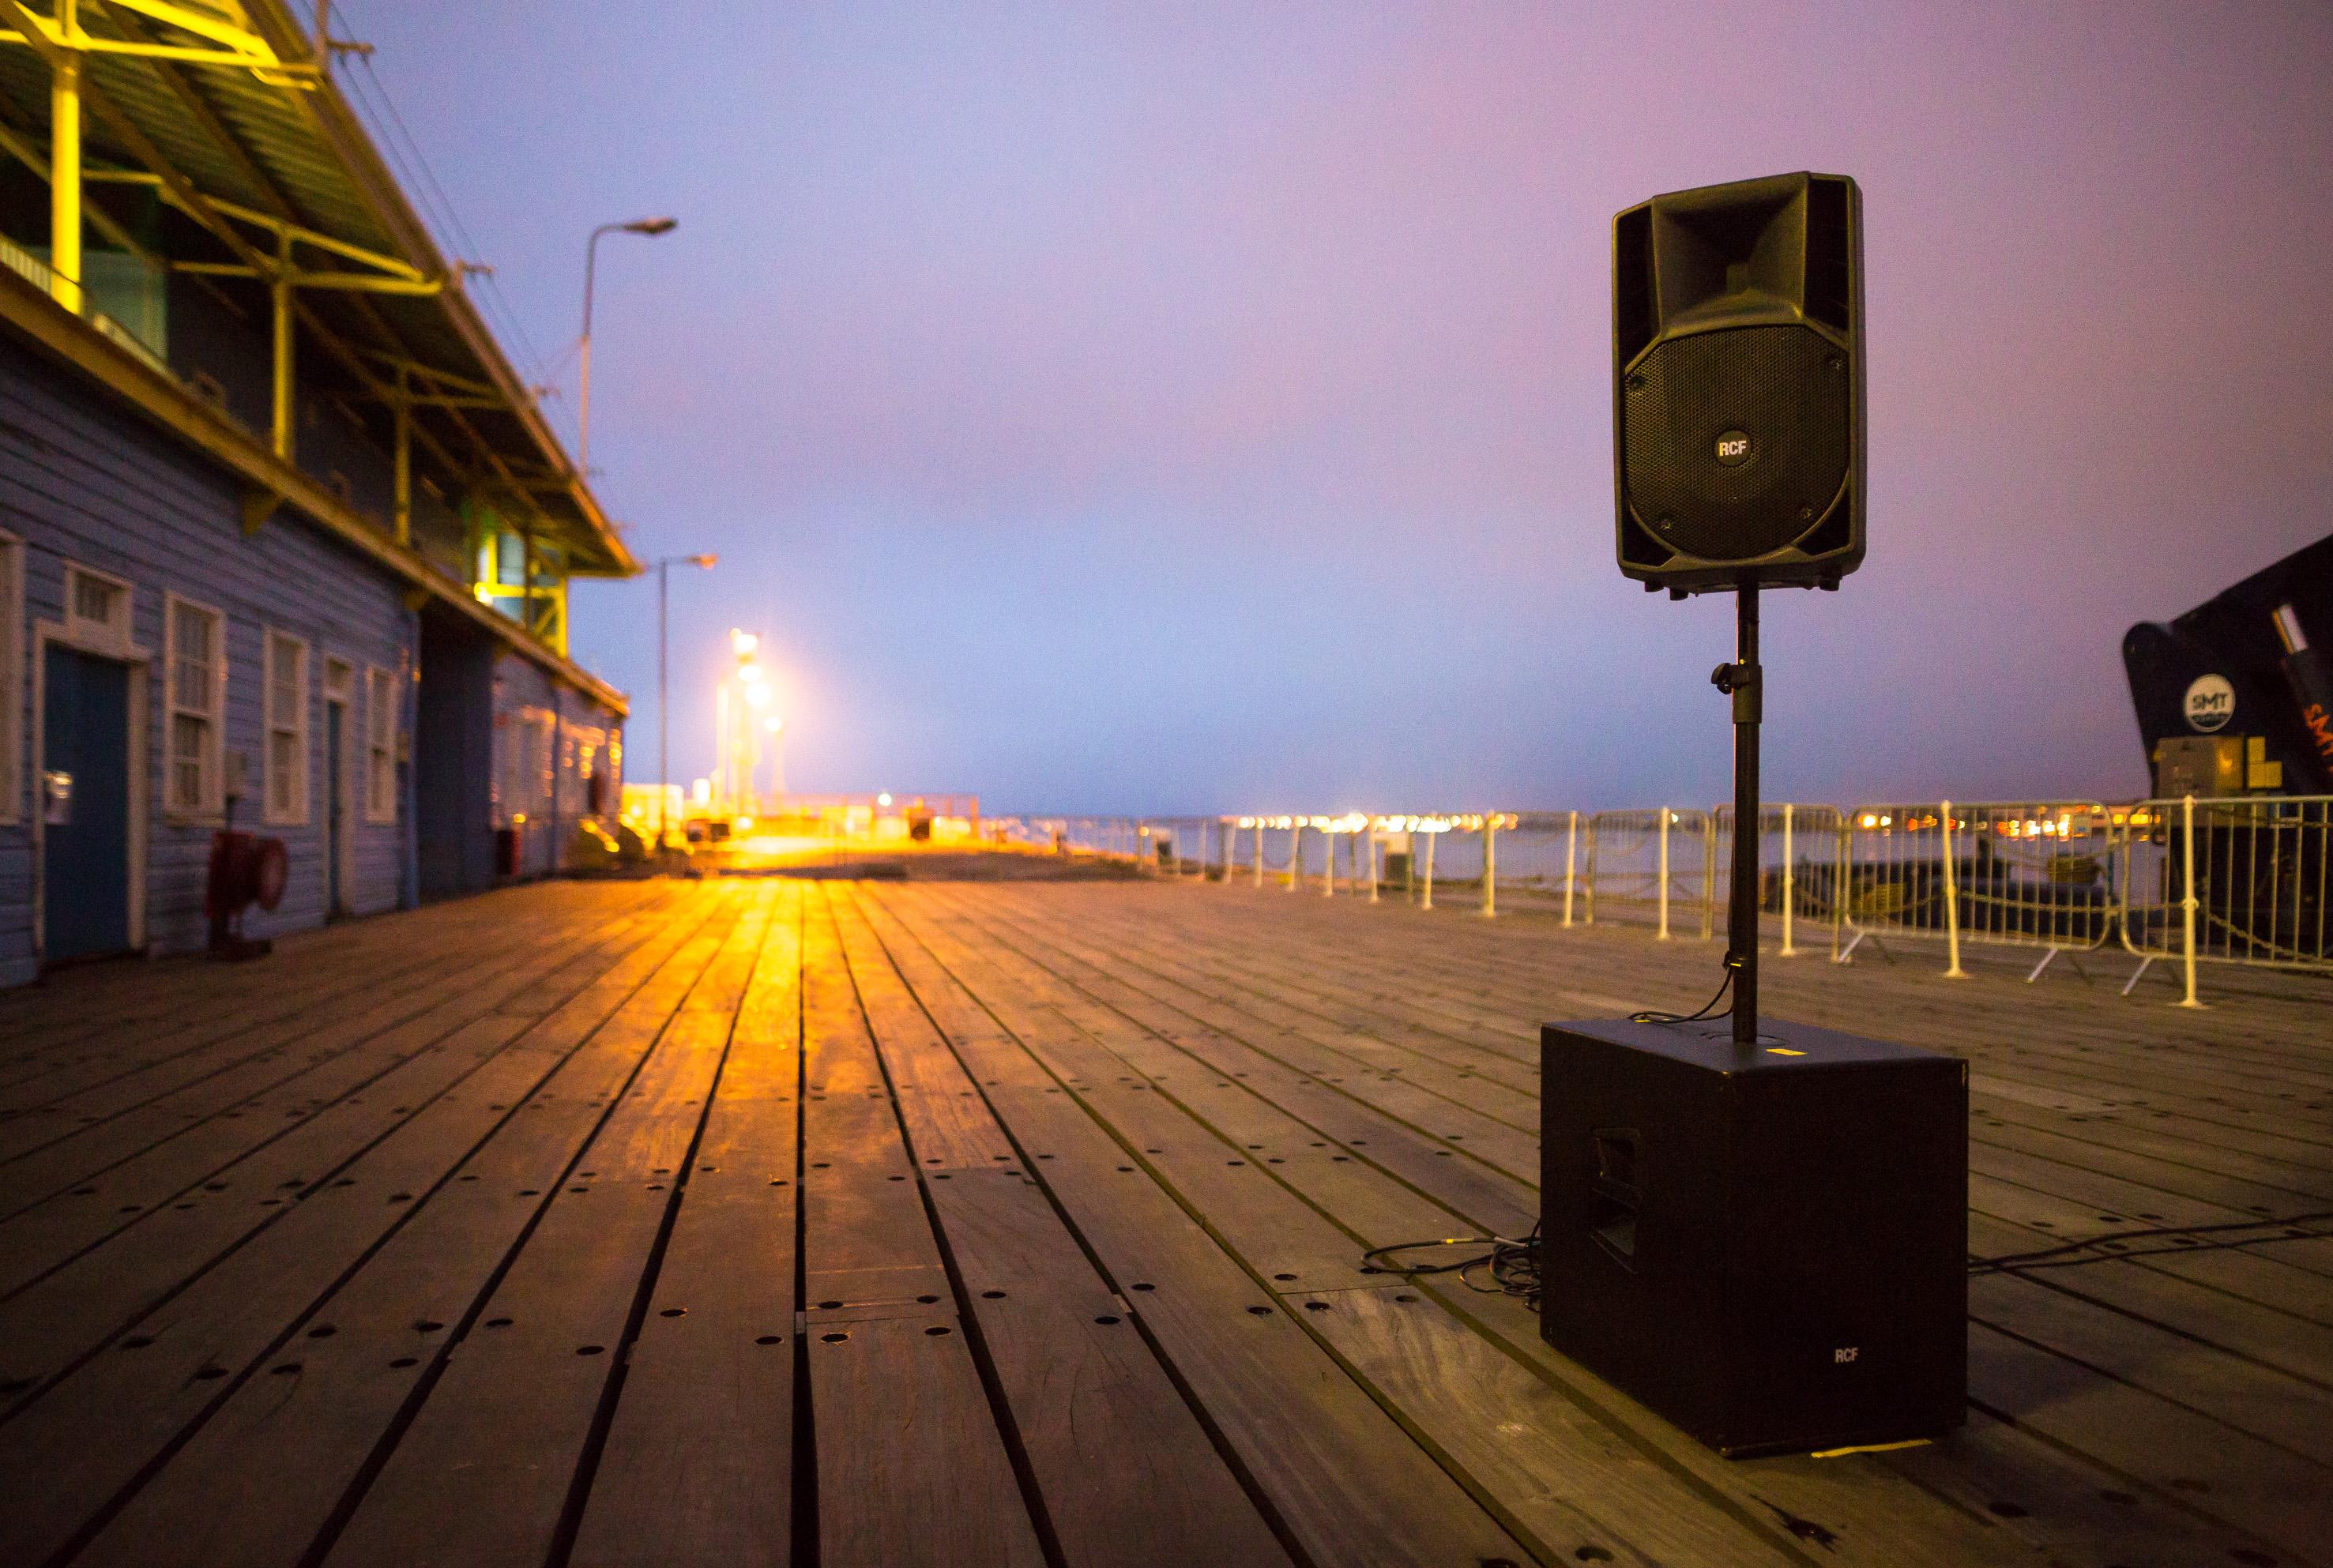 Estuary Festival at Tilbury Docks 16 September 2016